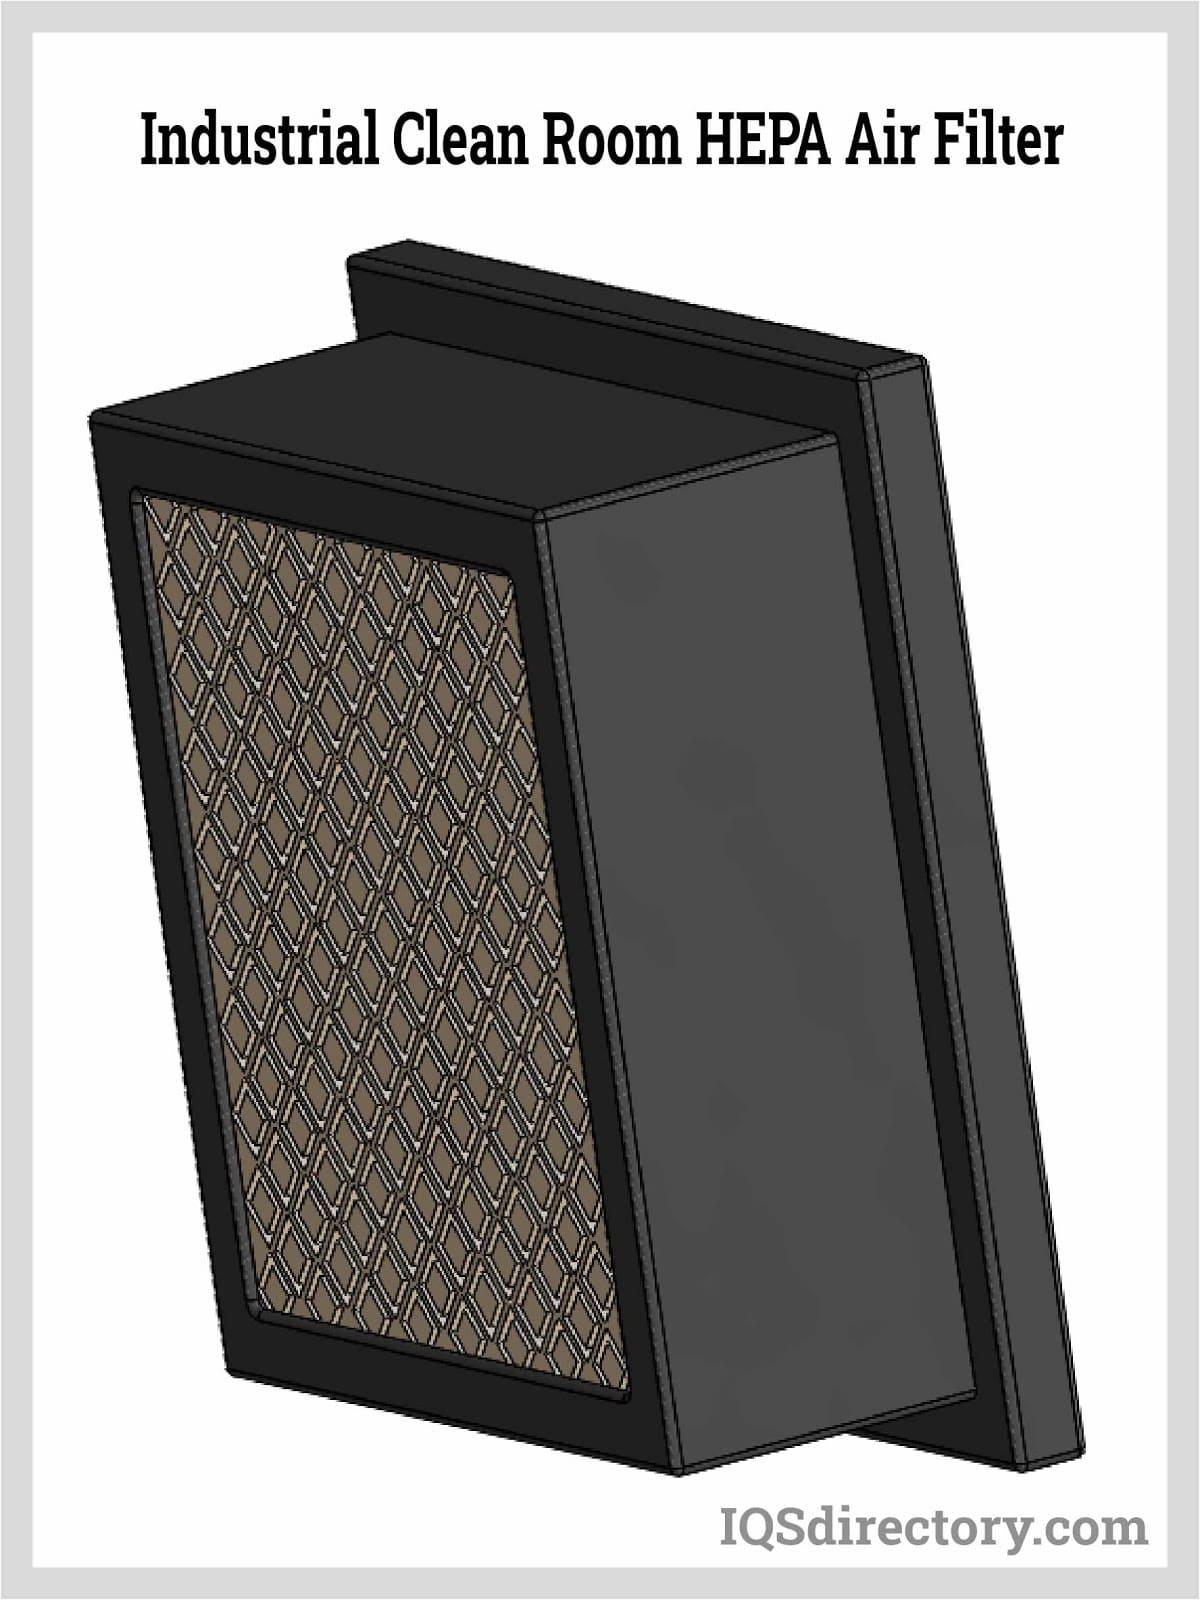 Industrial Clean Room HEPA Air Filter